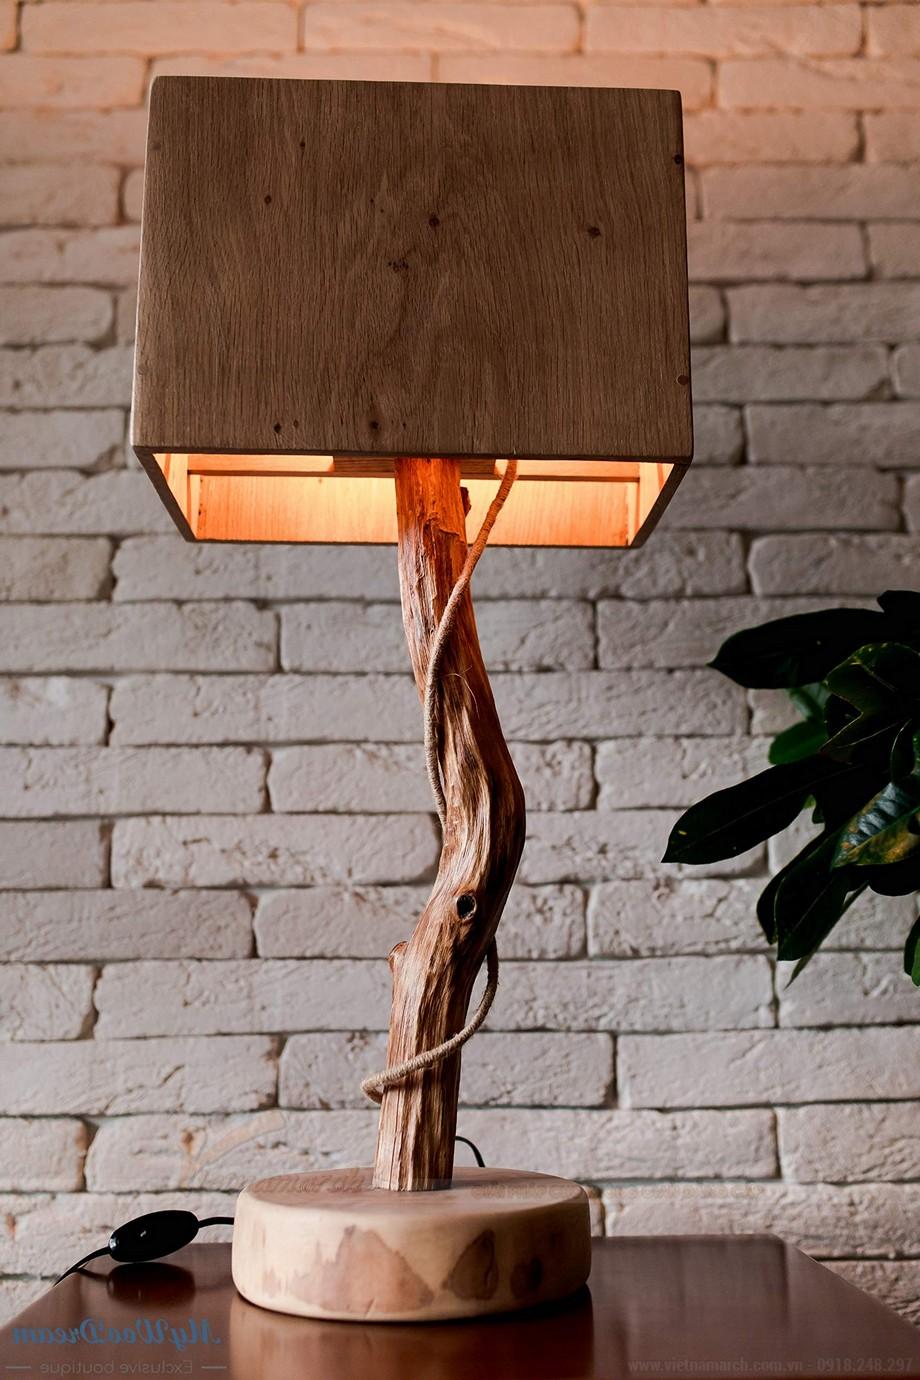 Các mẫu đèn ngủ bằng gỗ đẹp